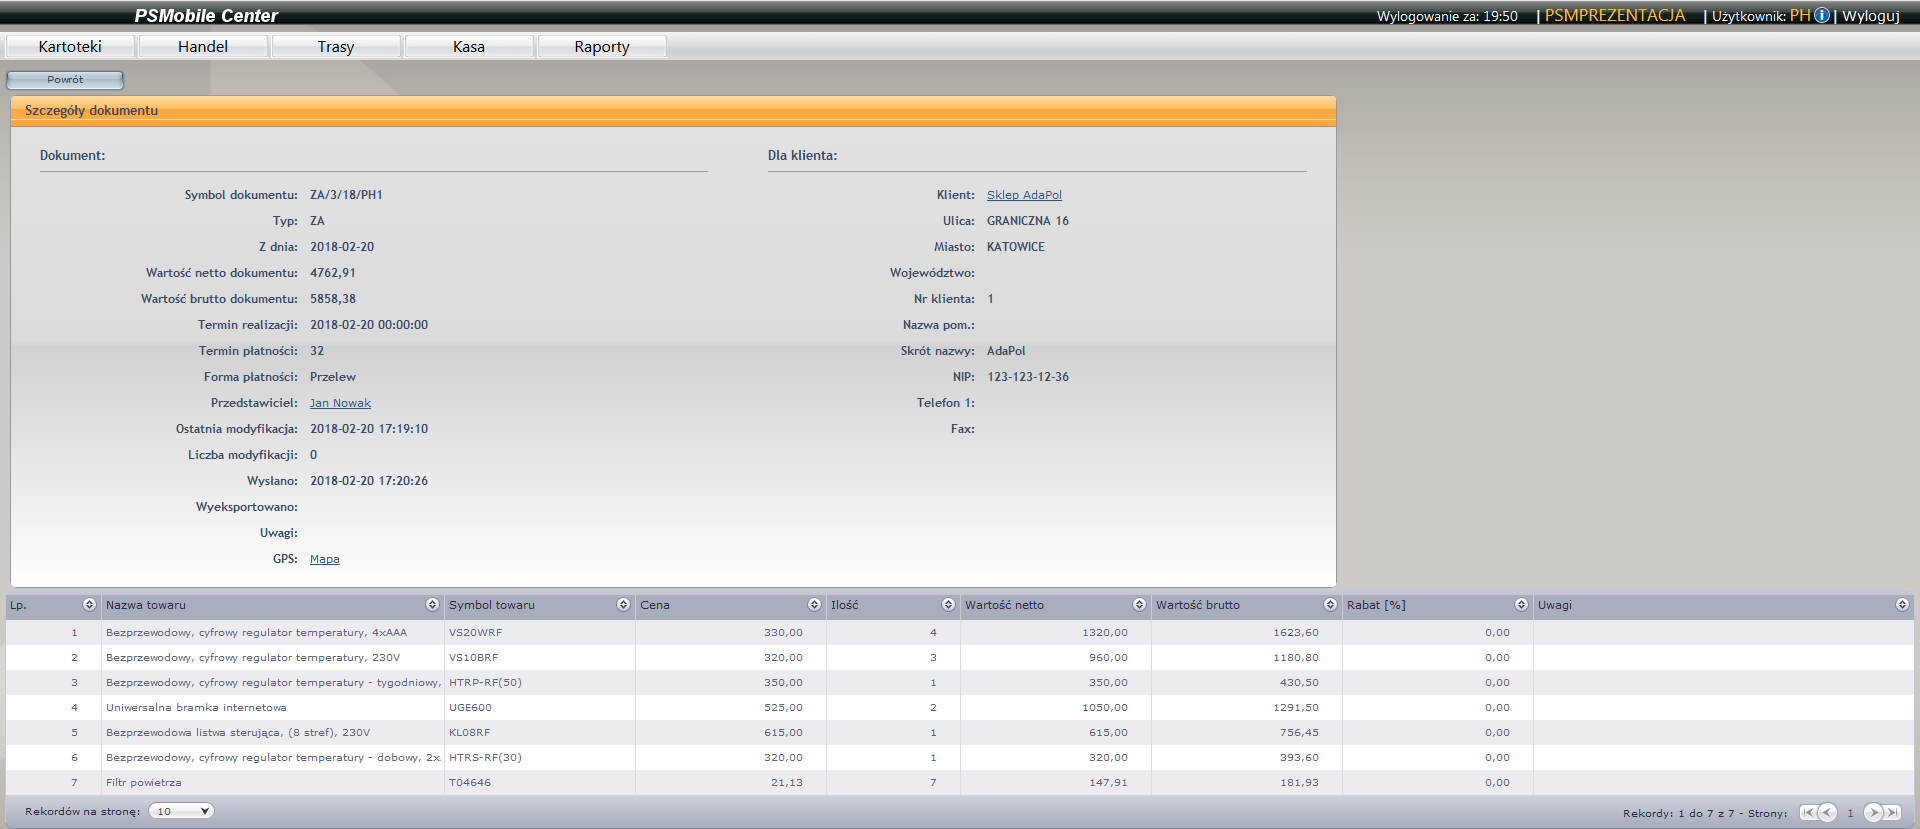 Ekran szczegółów dokumentu handlowego w aplikacji dla przedstawicieli handlowych